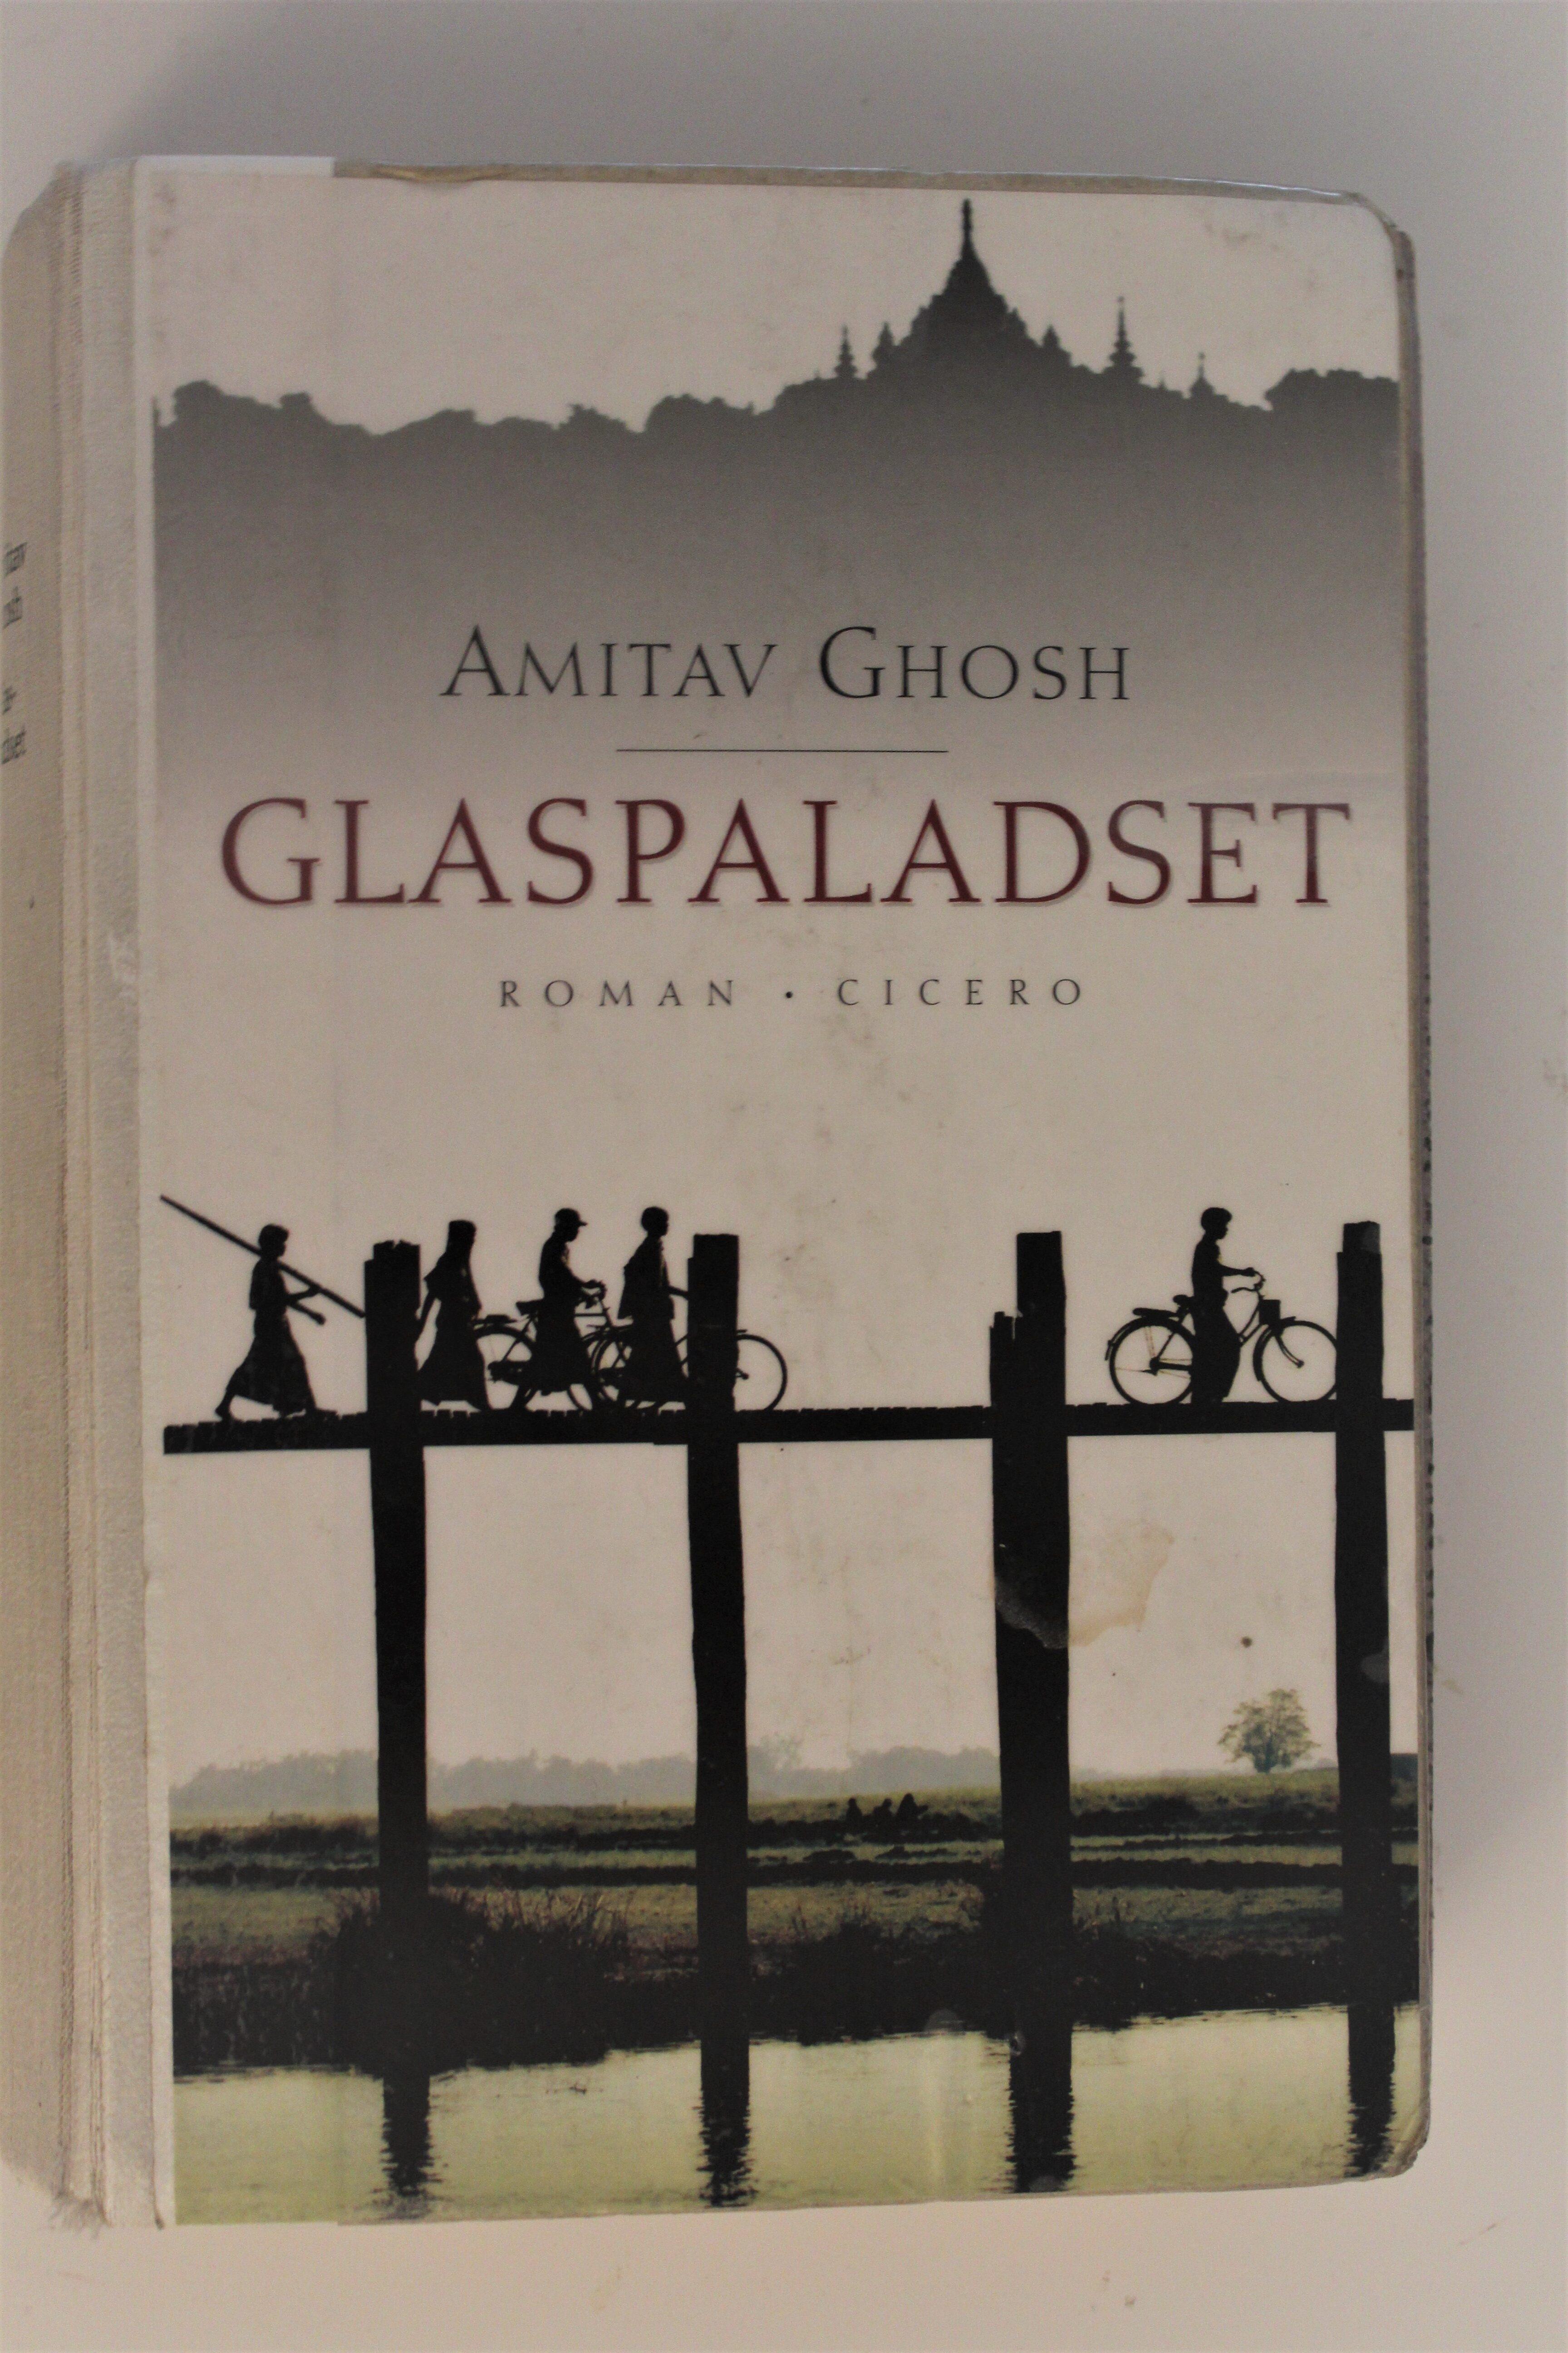 Boganmeldelse af Glaspaladset Amitav Ghosh